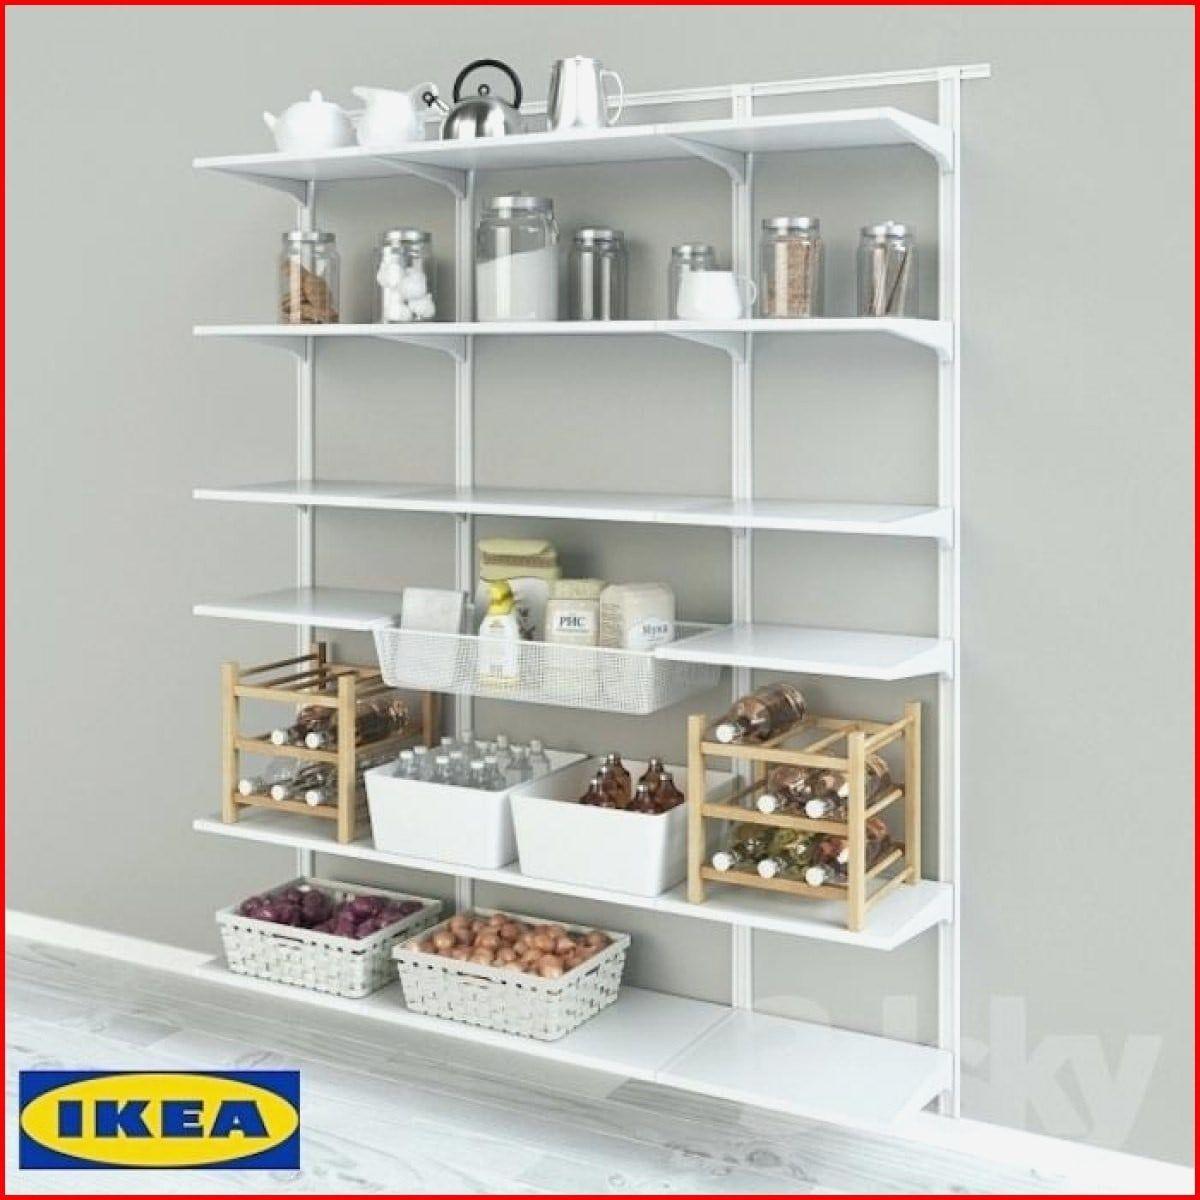 Aménagement Cellier : Idées & Conseils Pour Une Arrière intérieur Rangement Cd Ikea